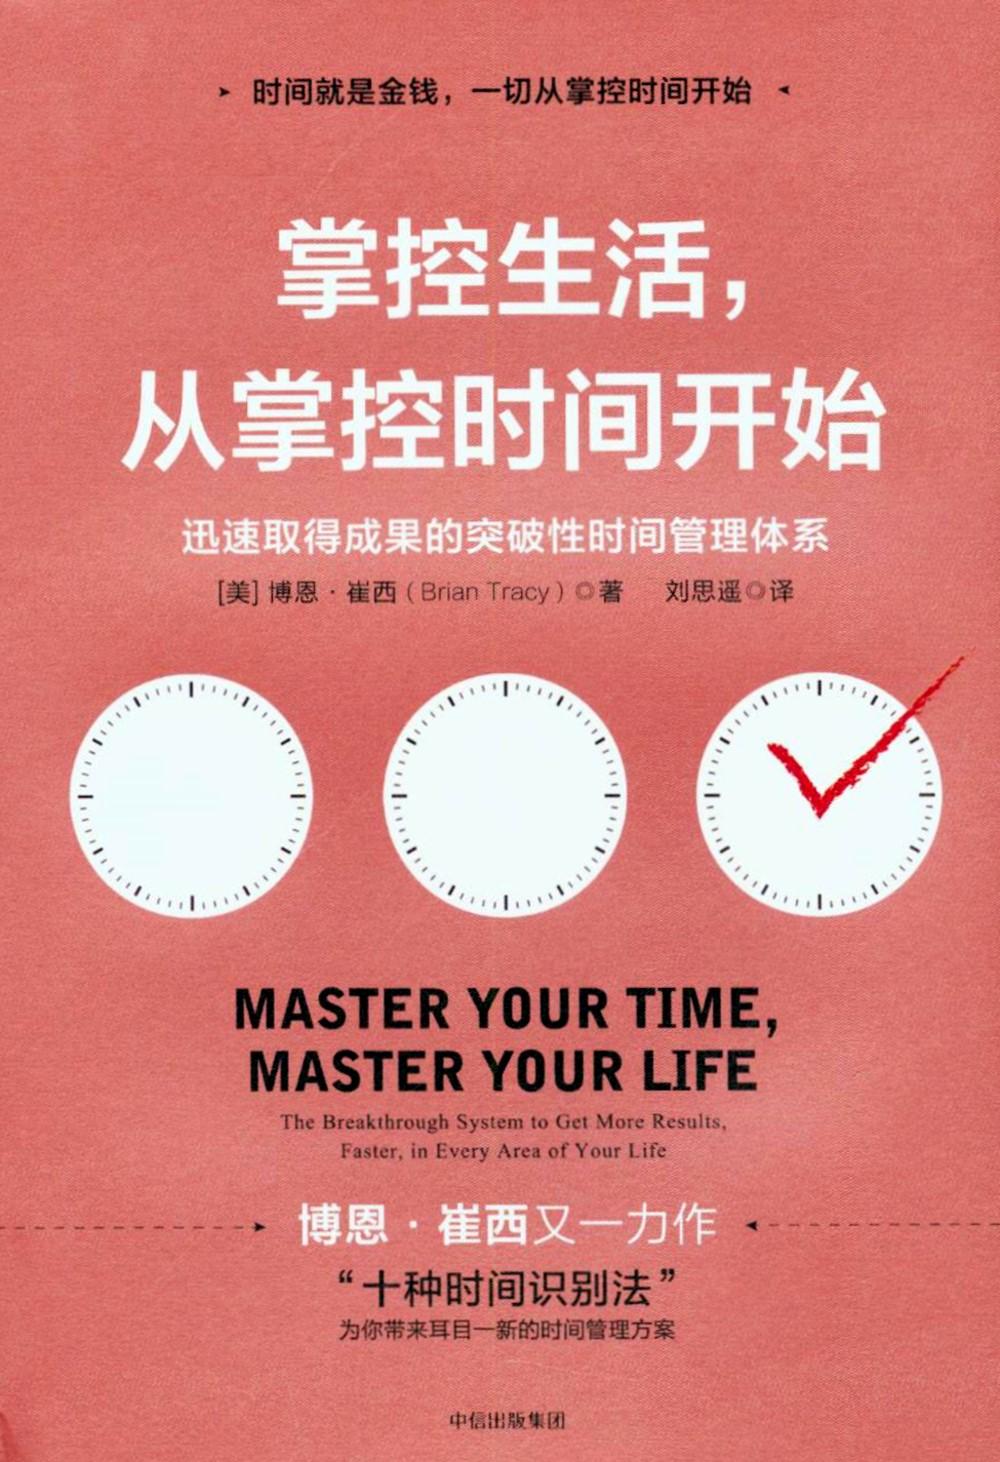 掌控生活,從掌控時間開始:迅速取得成果的突破性時間管理體系